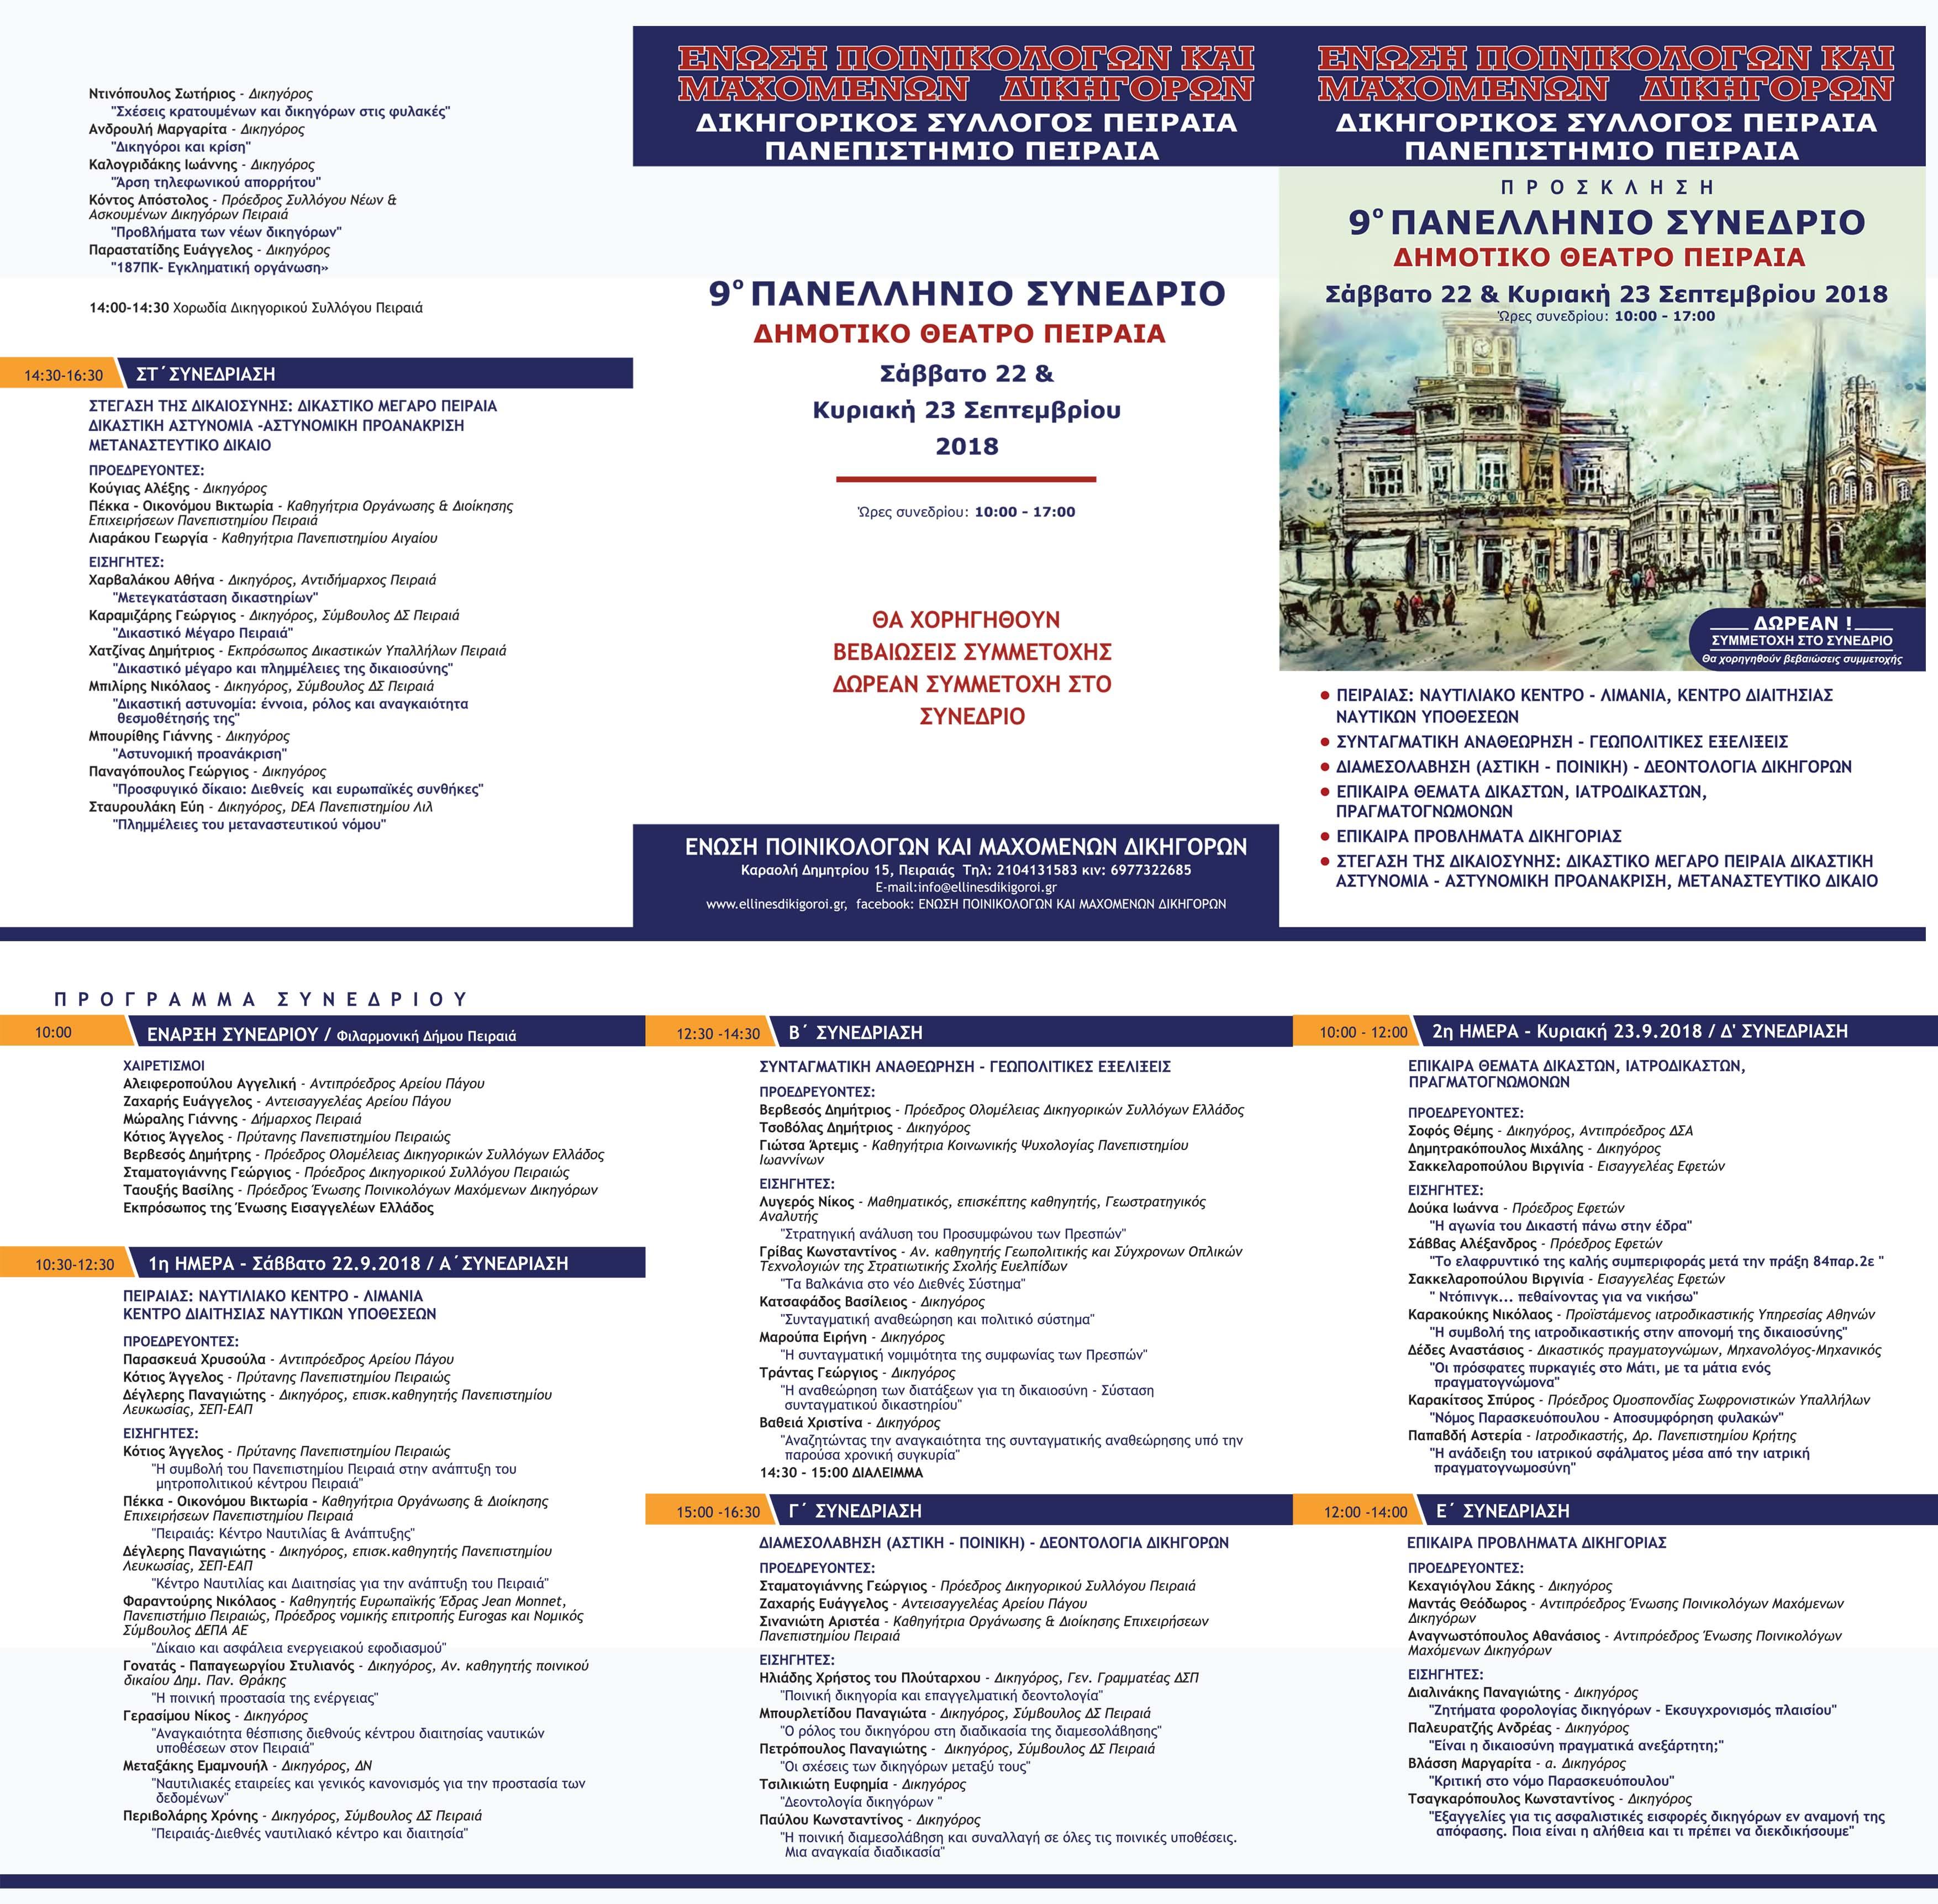 Διάλεξη: Στρατηγική ανάλυση του Προσυμφώνου των Πρεσπών